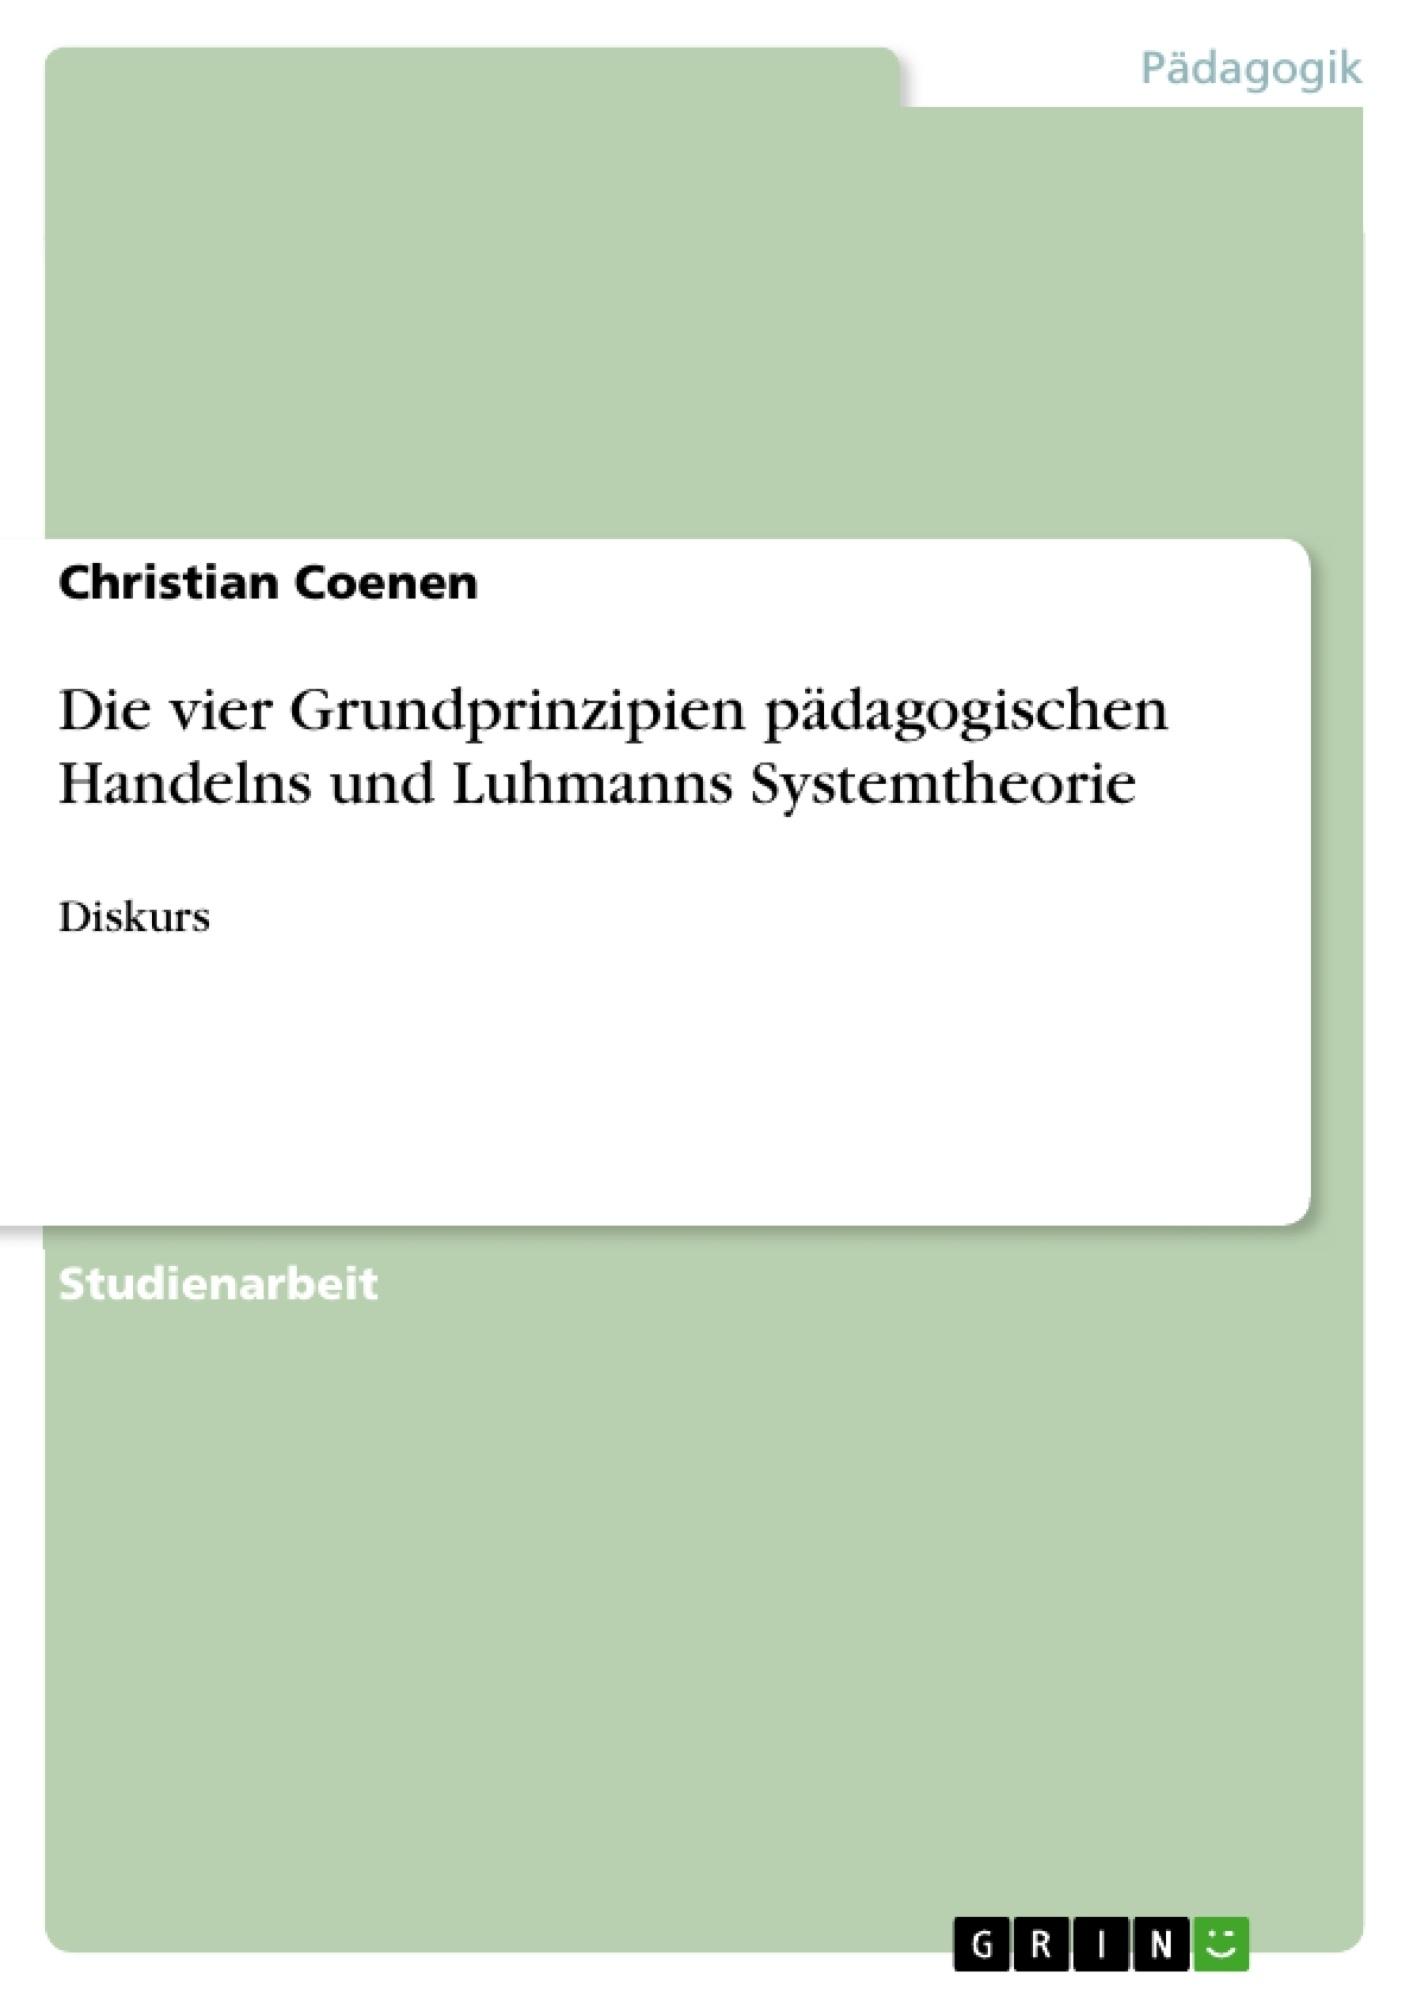 Titel: Die vier Grundprinzipien pädagogischen Handelns und Luhmanns Systemtheorie